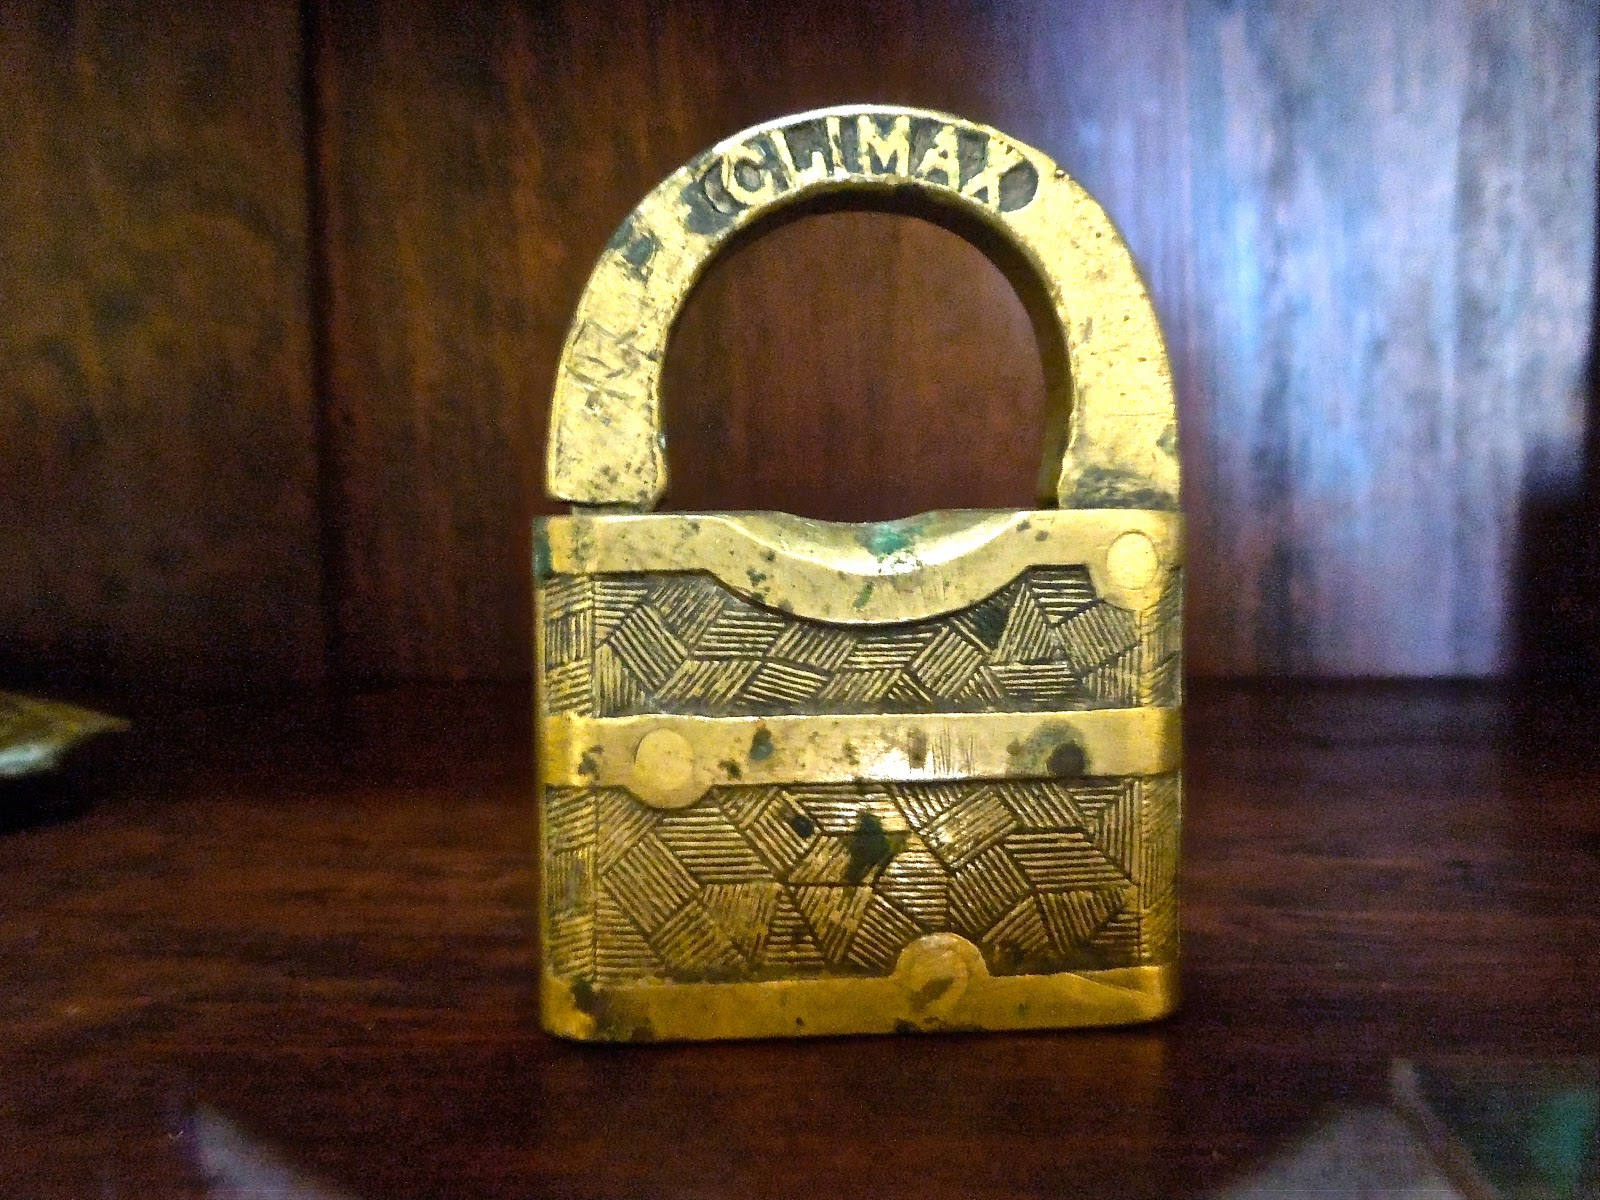 Vivencias objetos antiguos for Compra de objetos antiguos